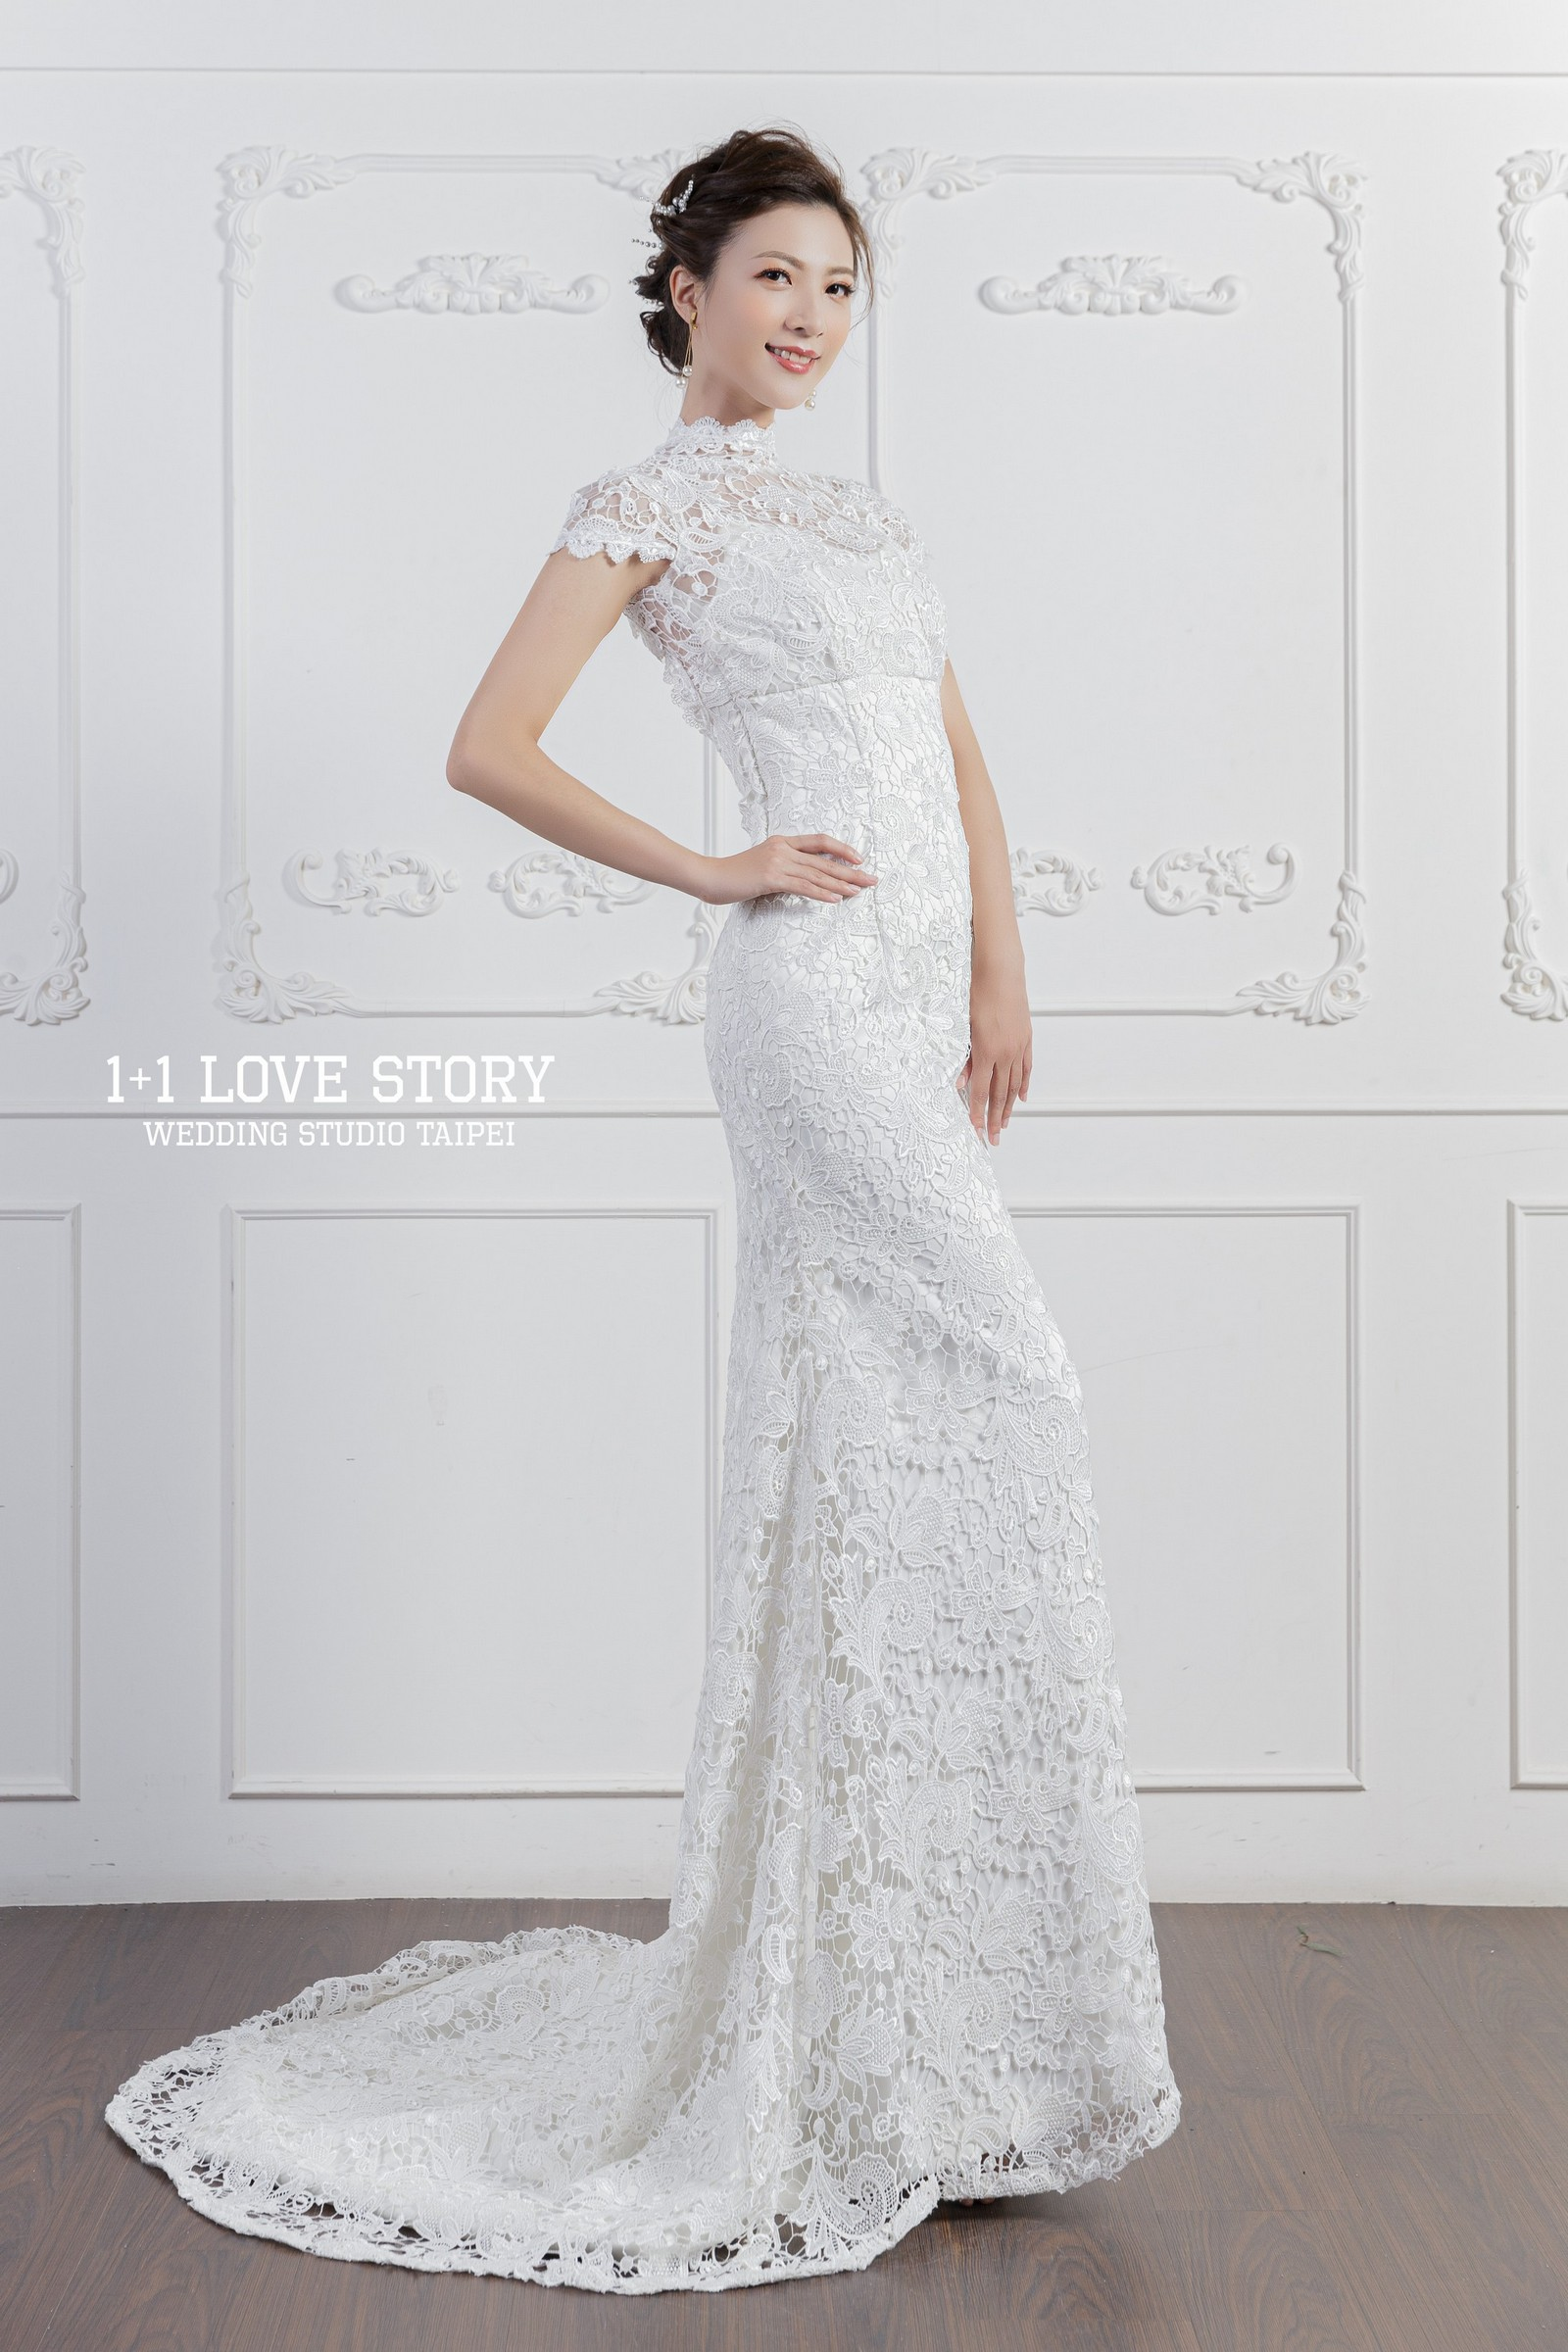 手工婚紗,婚紗訂製,婚紗推薦,婚紗出租,手工婚紗訂製,婚紗價格,婚紗禮服